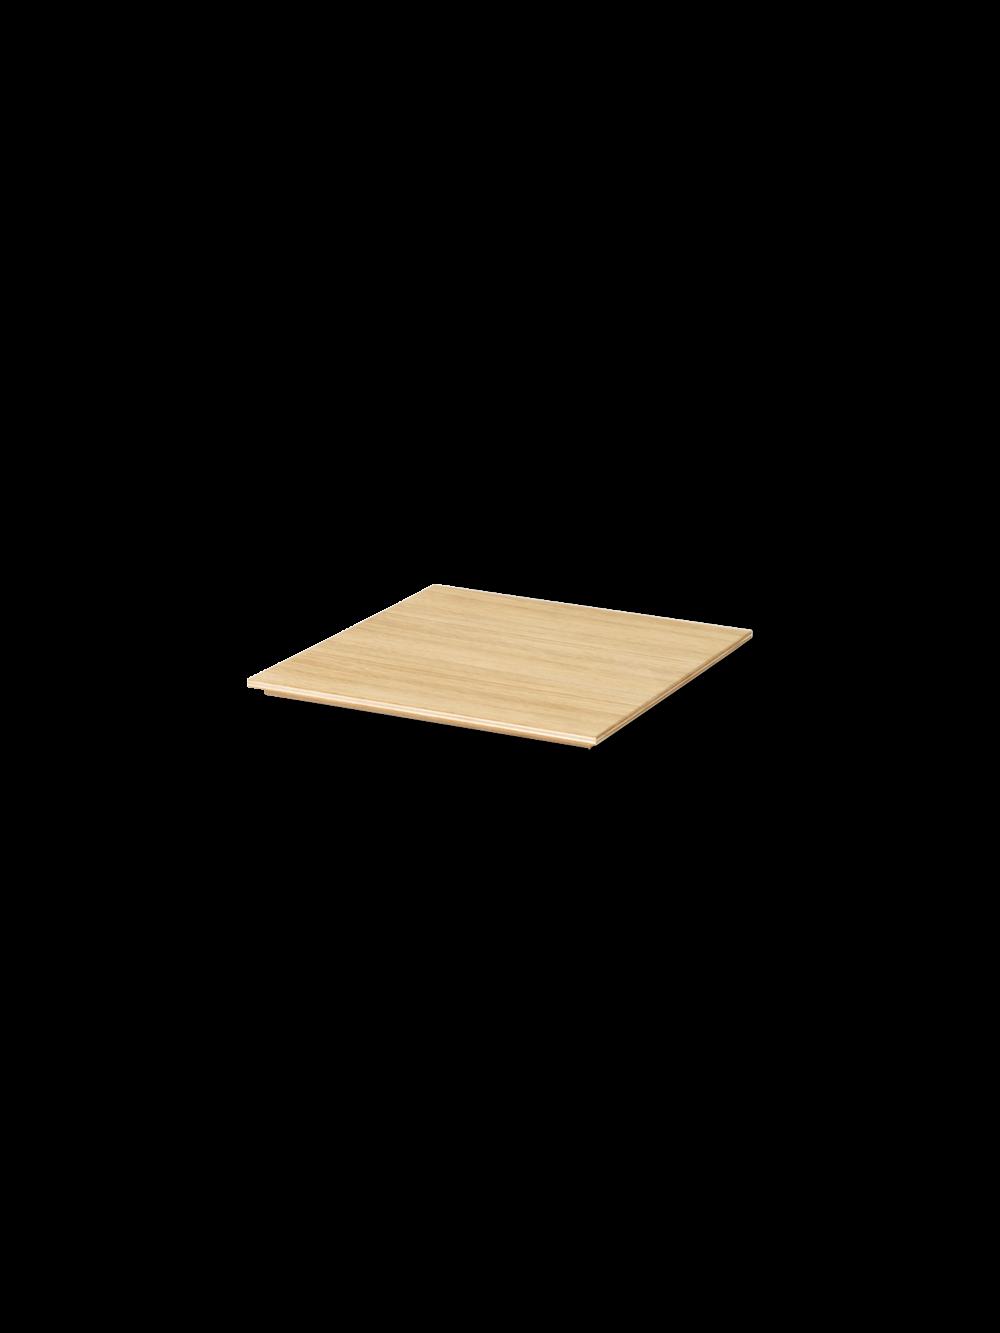 ferm living Tray für Plantbox oiled oak